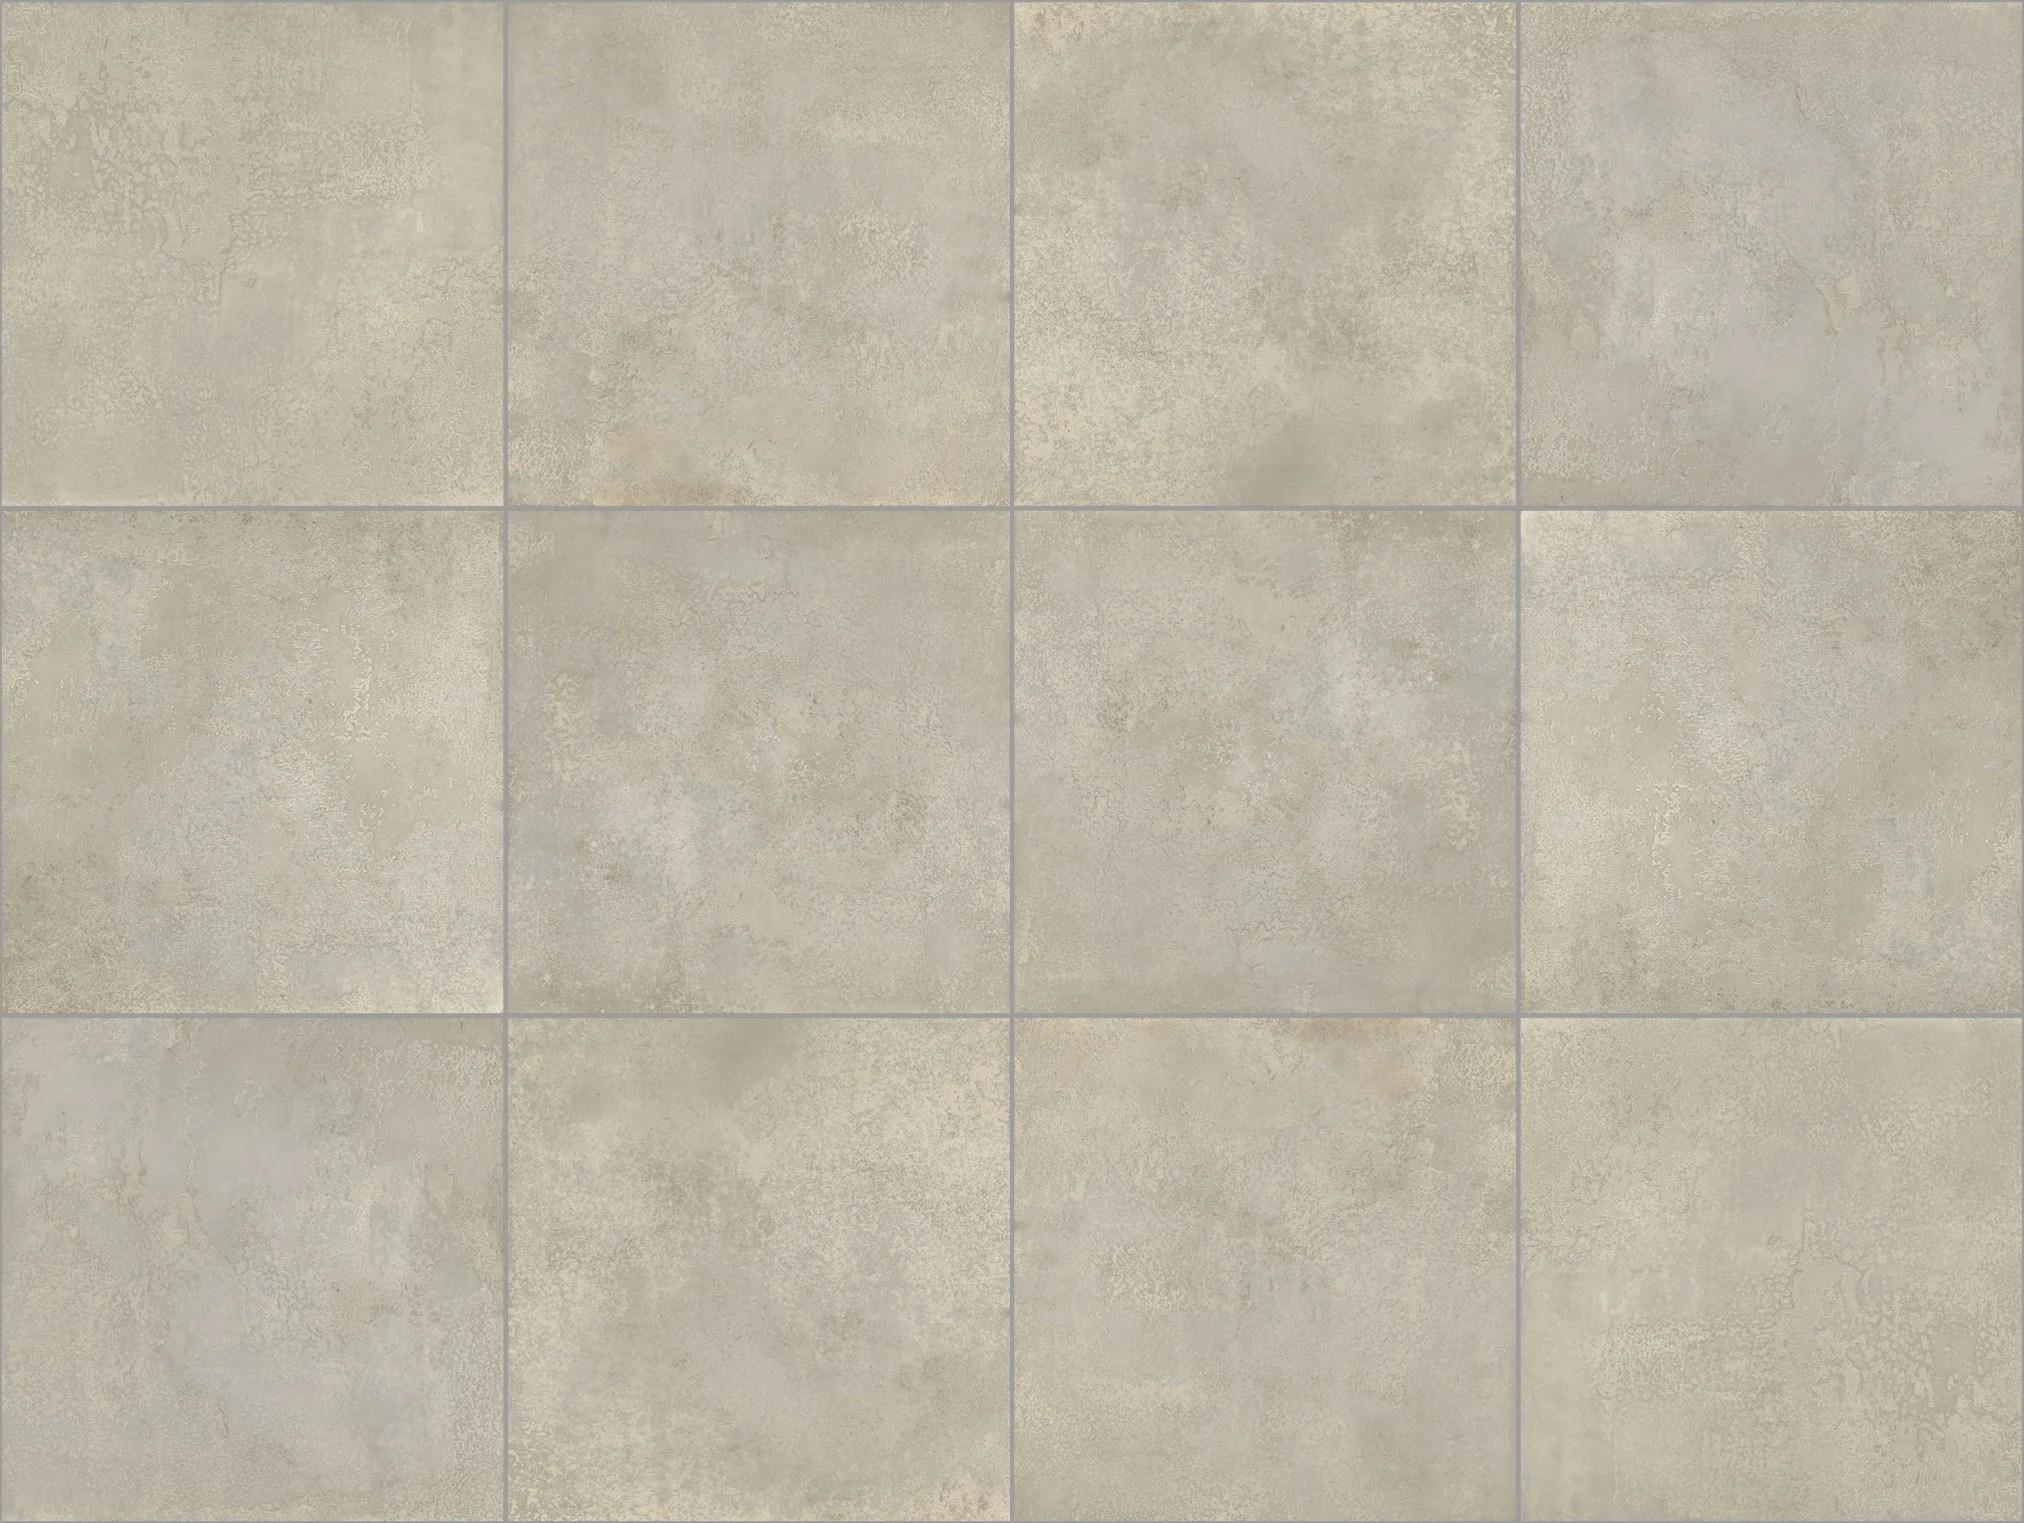 Piastrelle ceramica texture piastrelle interni vogue system